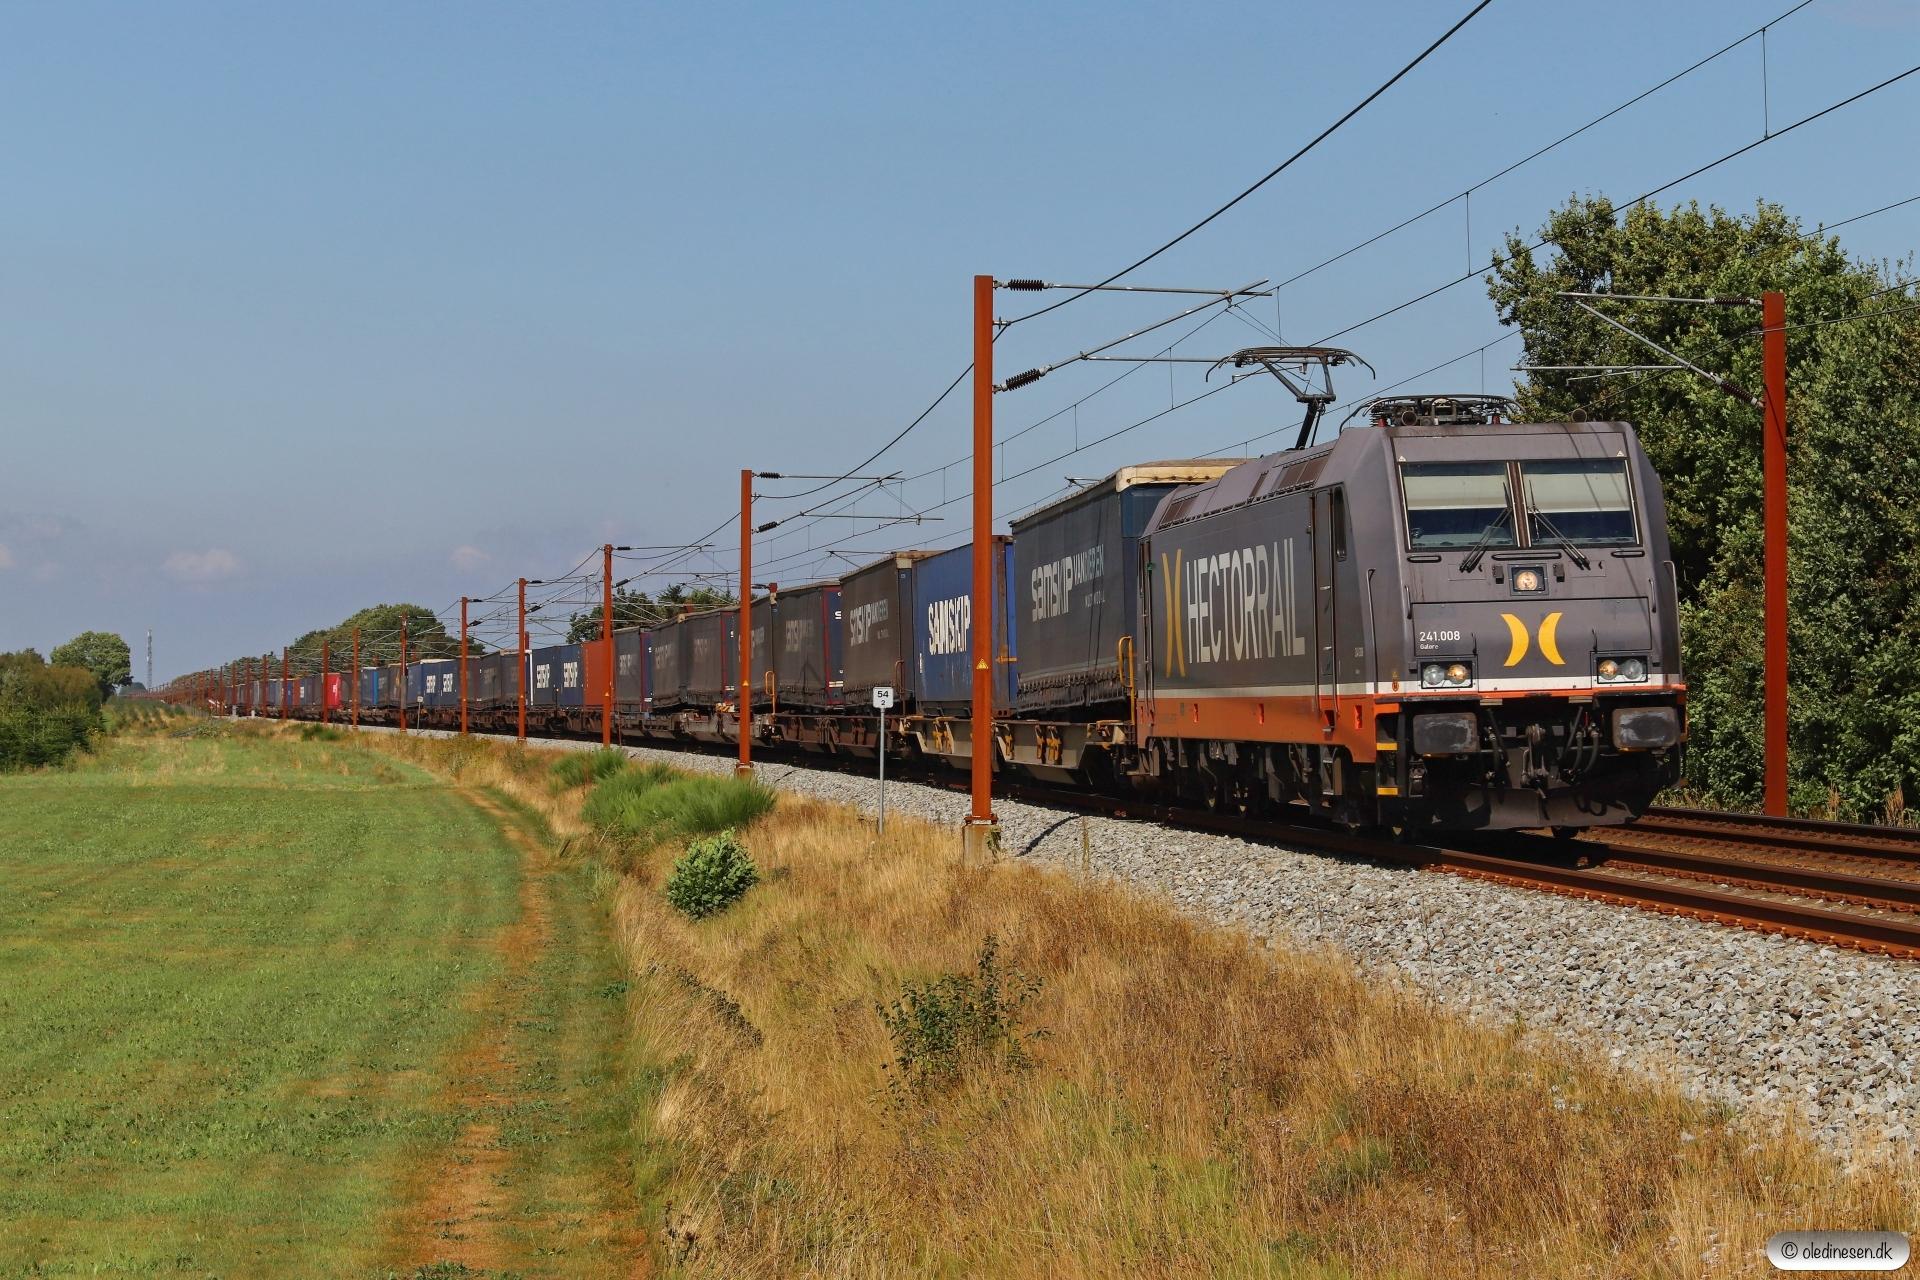 HCTOR 241.008 med HS 41043 Mgb-Pa. Km 54,2 Fa (Sommersted-Vojens) 21.08.2020.